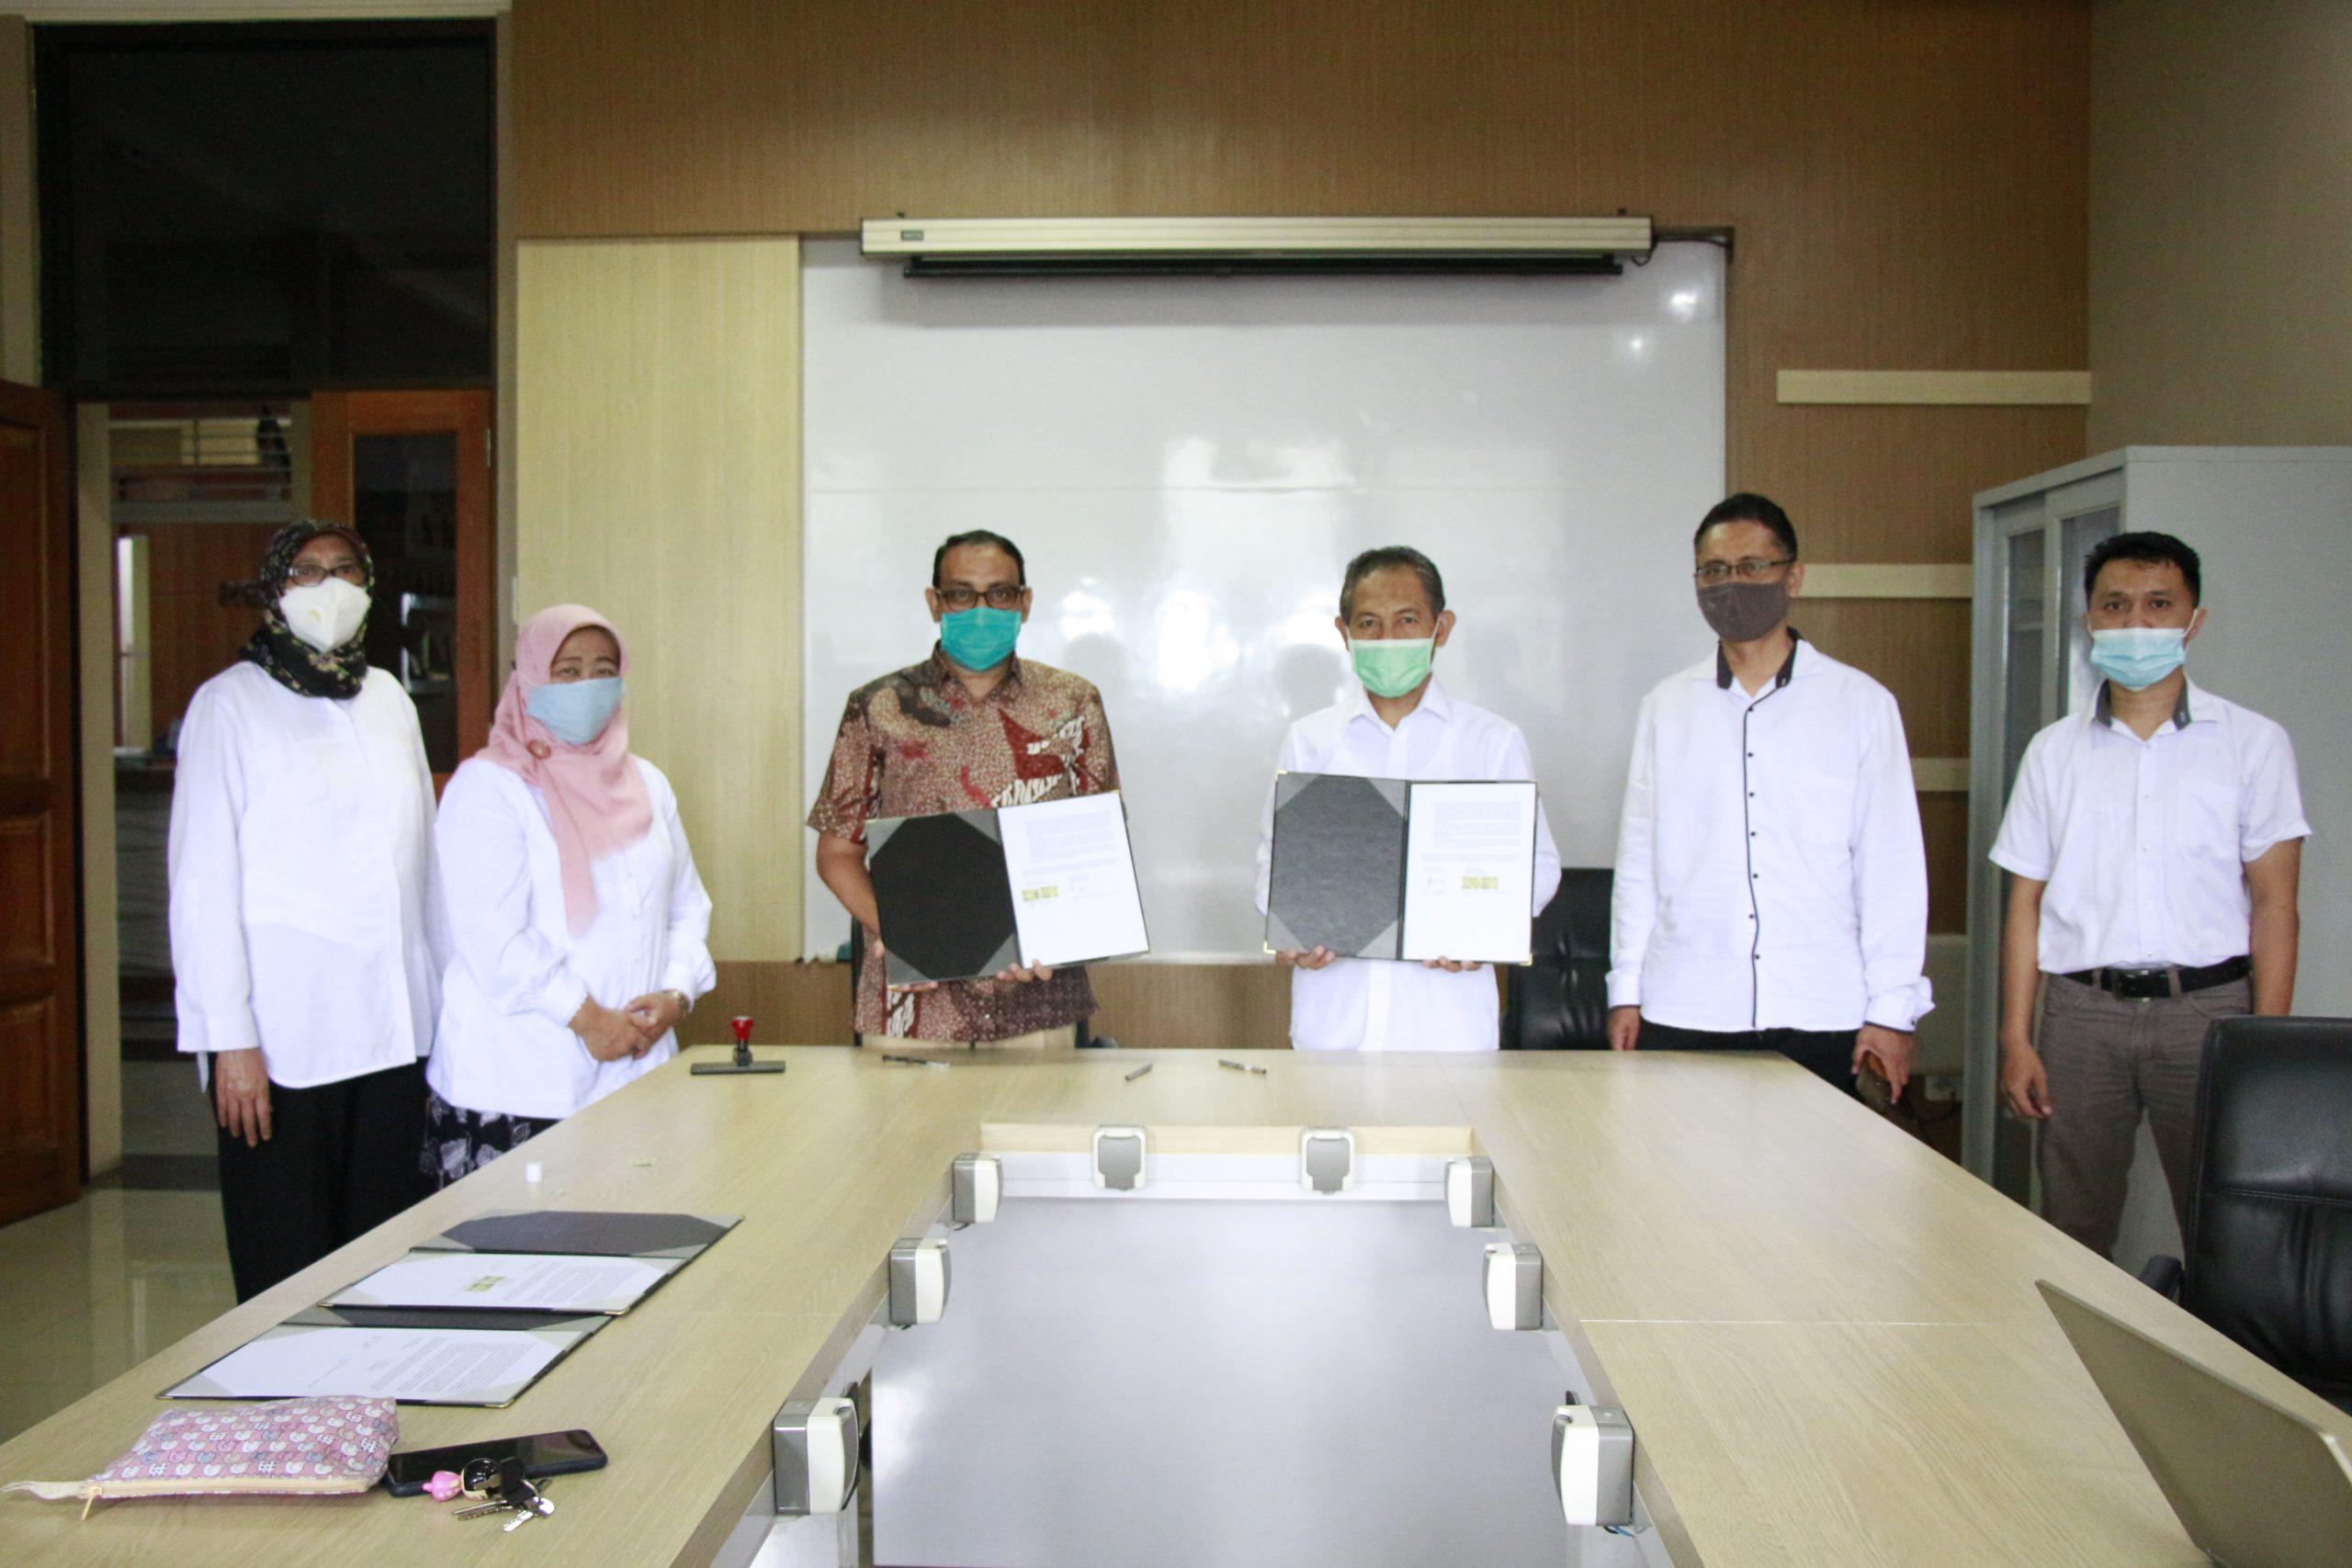 Fapet UB dan PT. Rumah Desa Sejahtera Akan Buat Inovasi Alternatif Pakan Ternak dari Biji Kurma